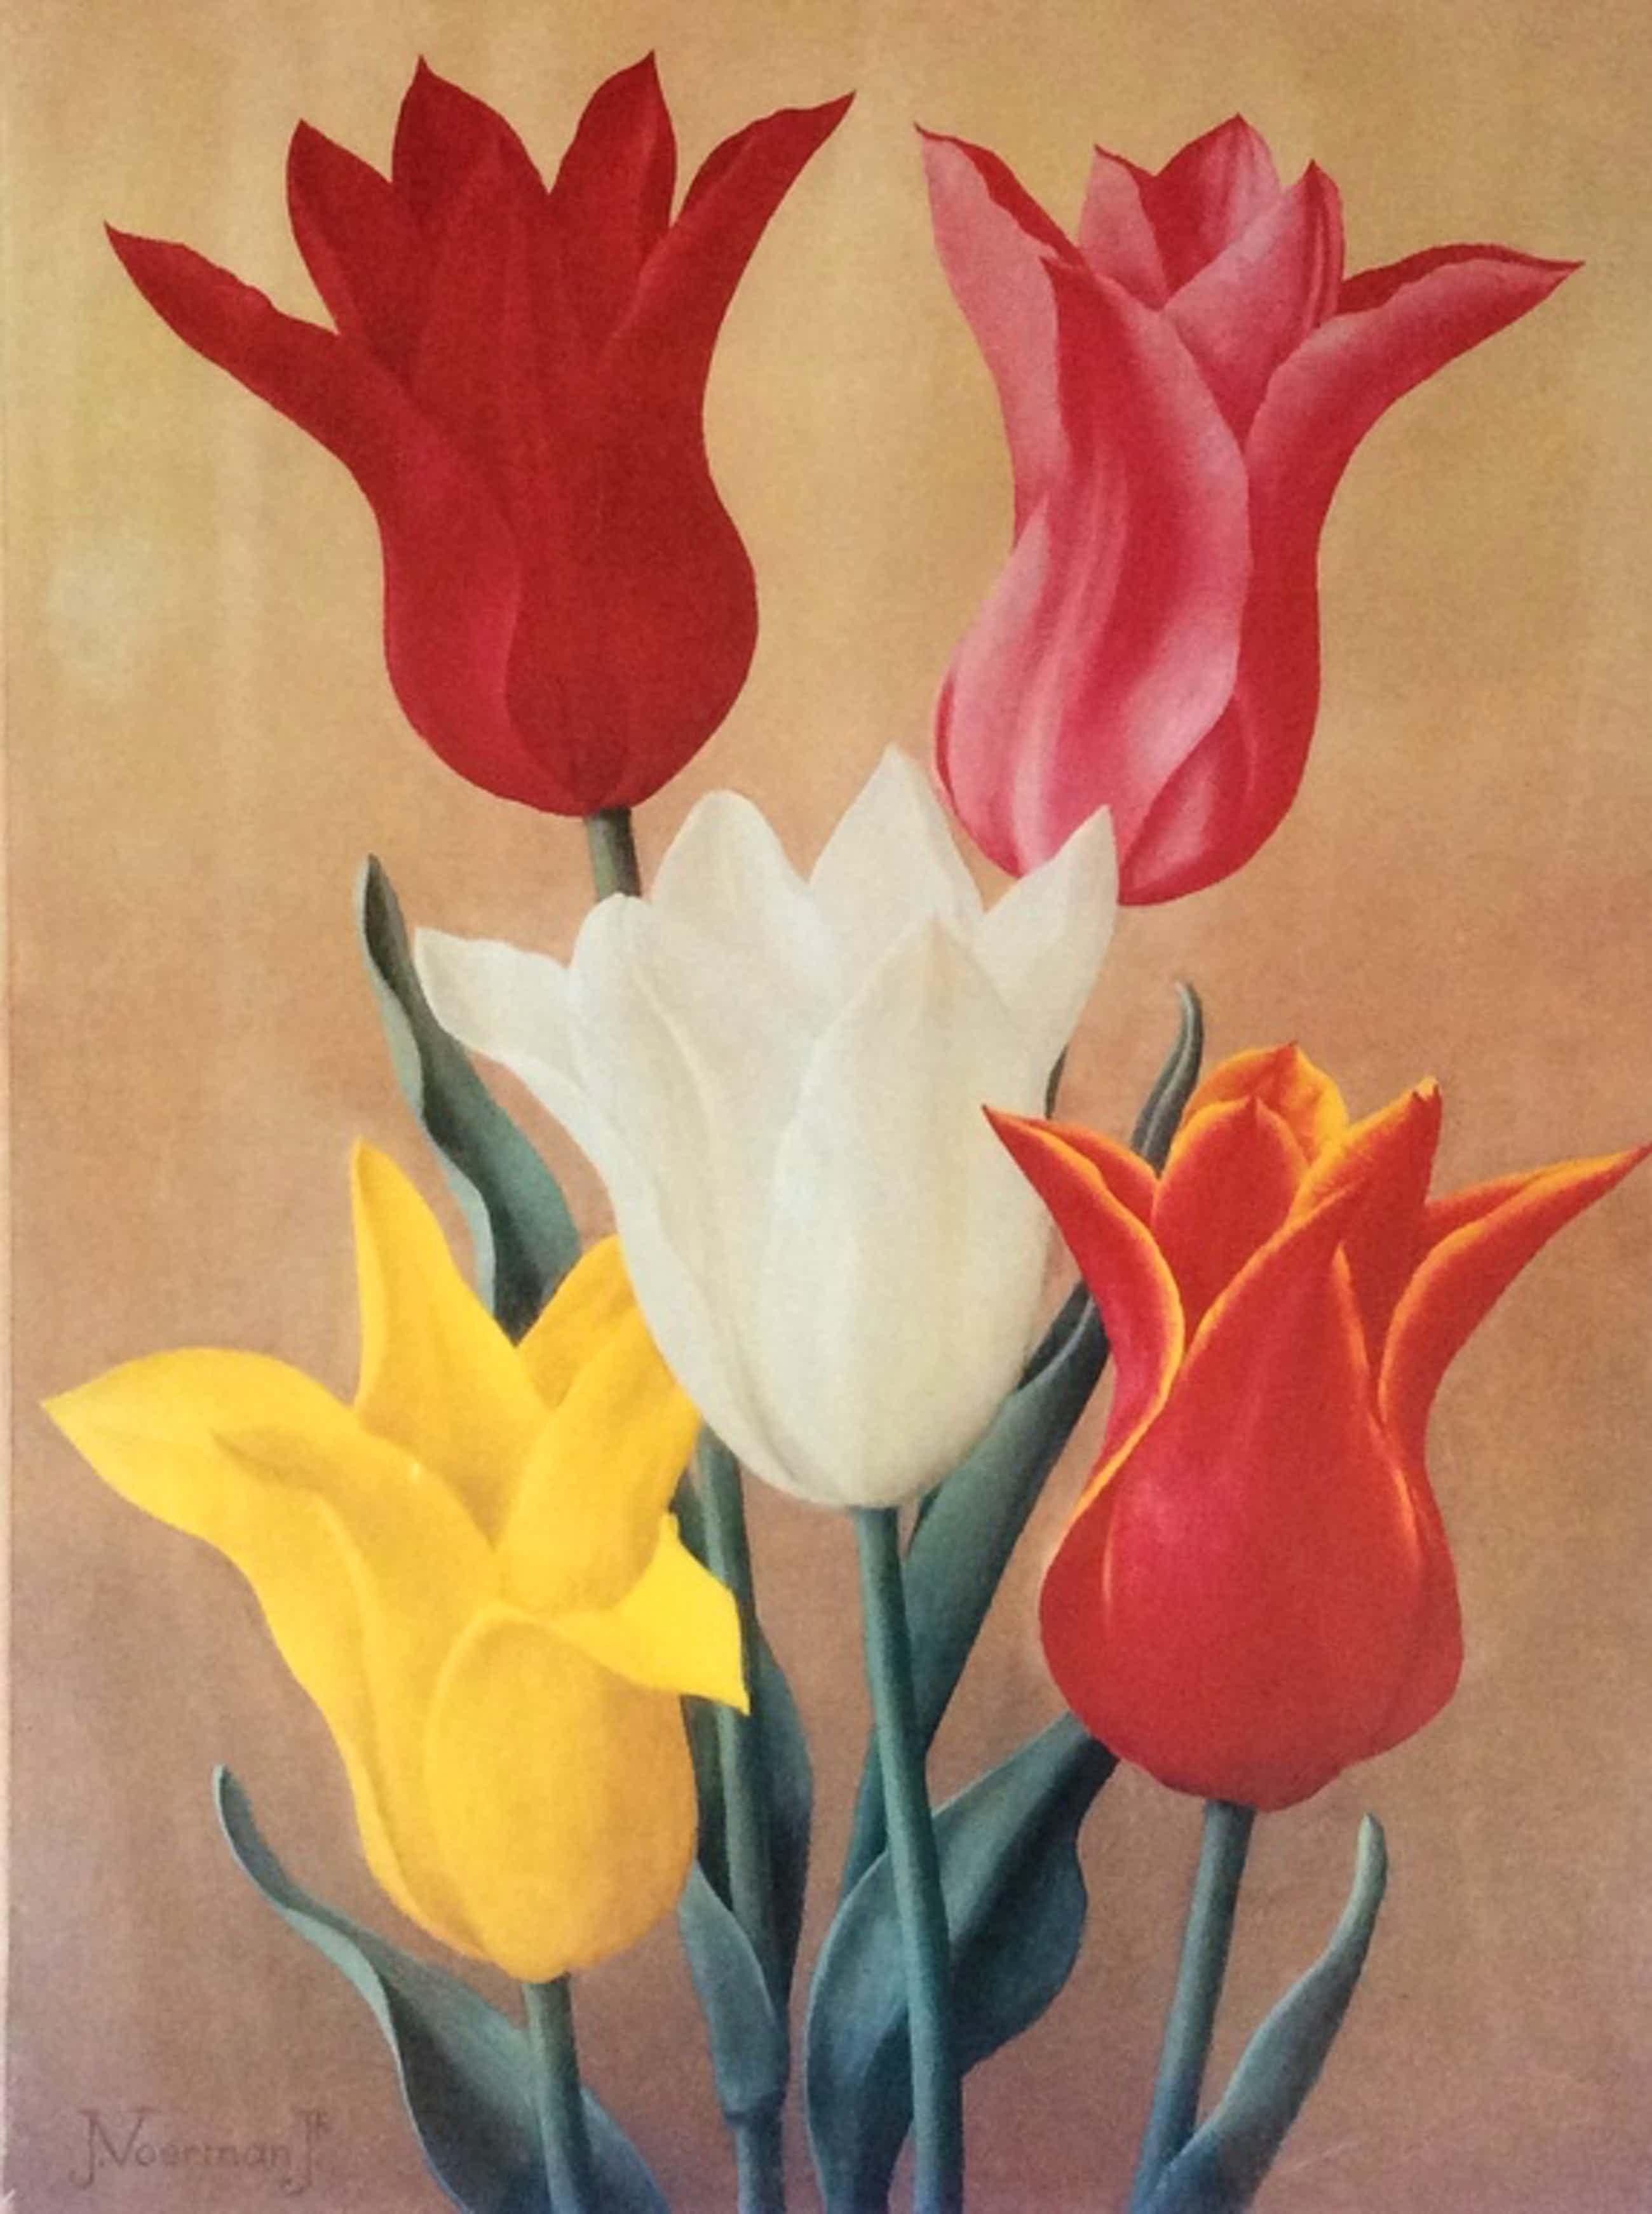 Jan Voerman Jr  Tulpen  Litho/Druk ingelijst 36 x 49 cm kopen? Bied vanaf 35!